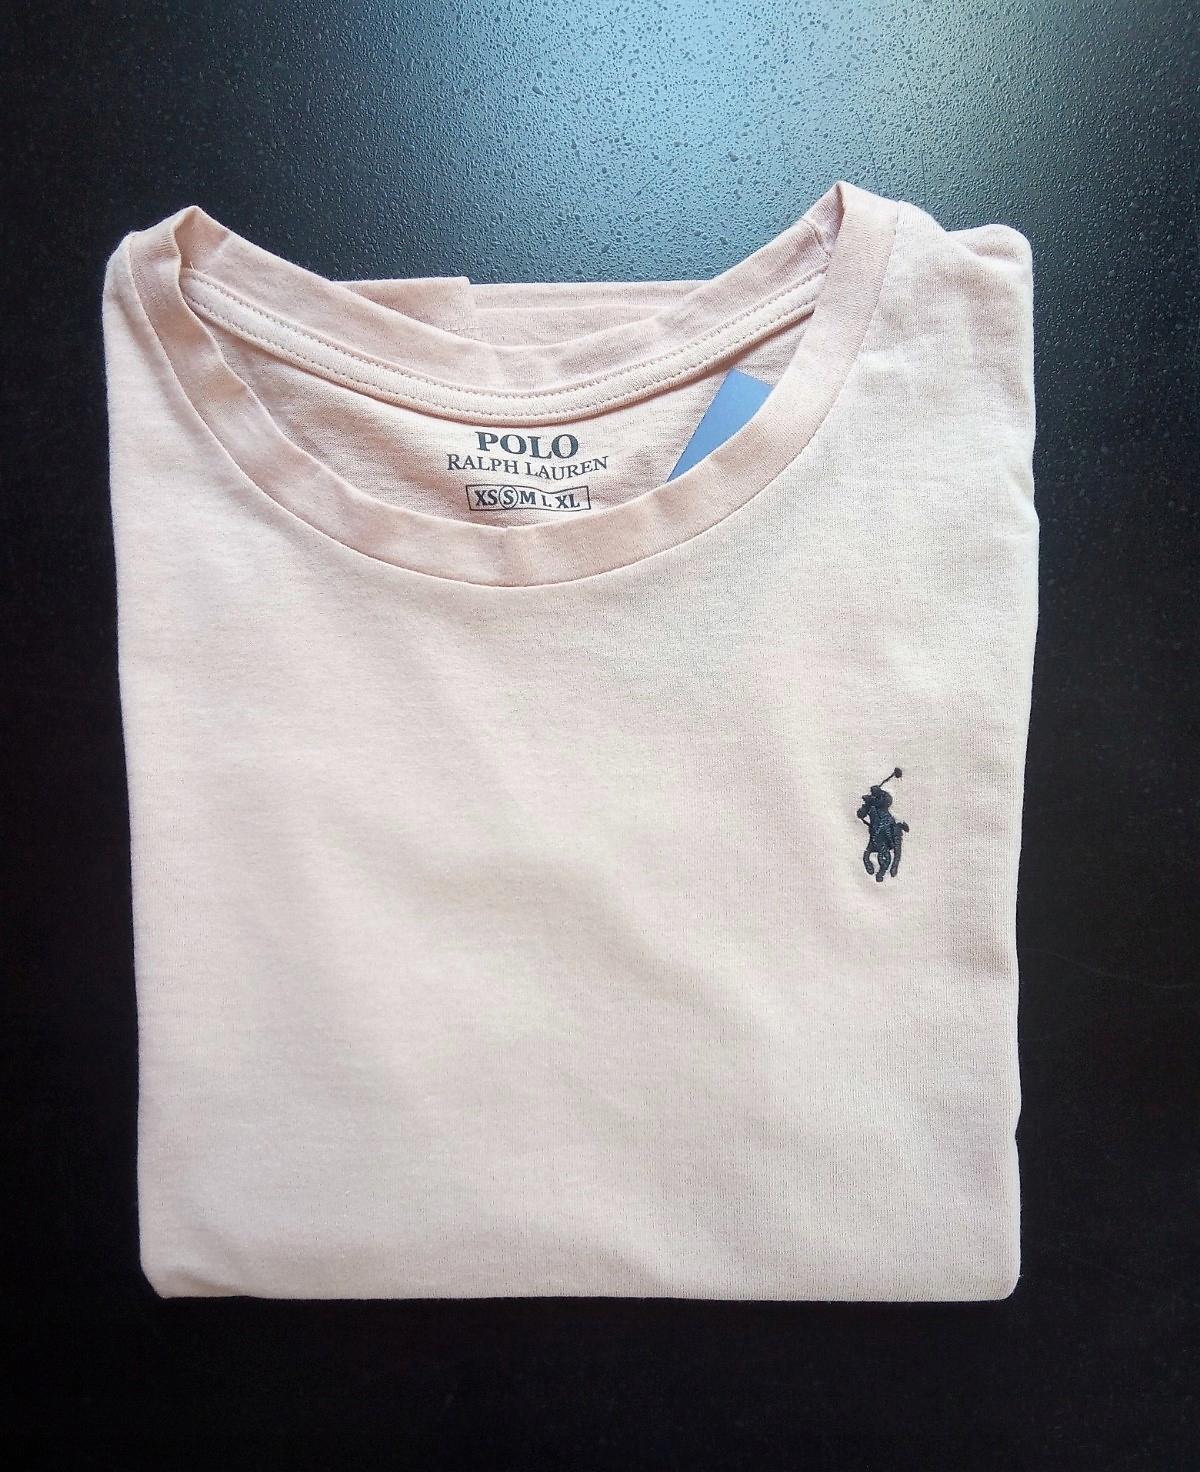 Koszulka damska Polo Ralph Lauren r.XS NOWA!! BCM!